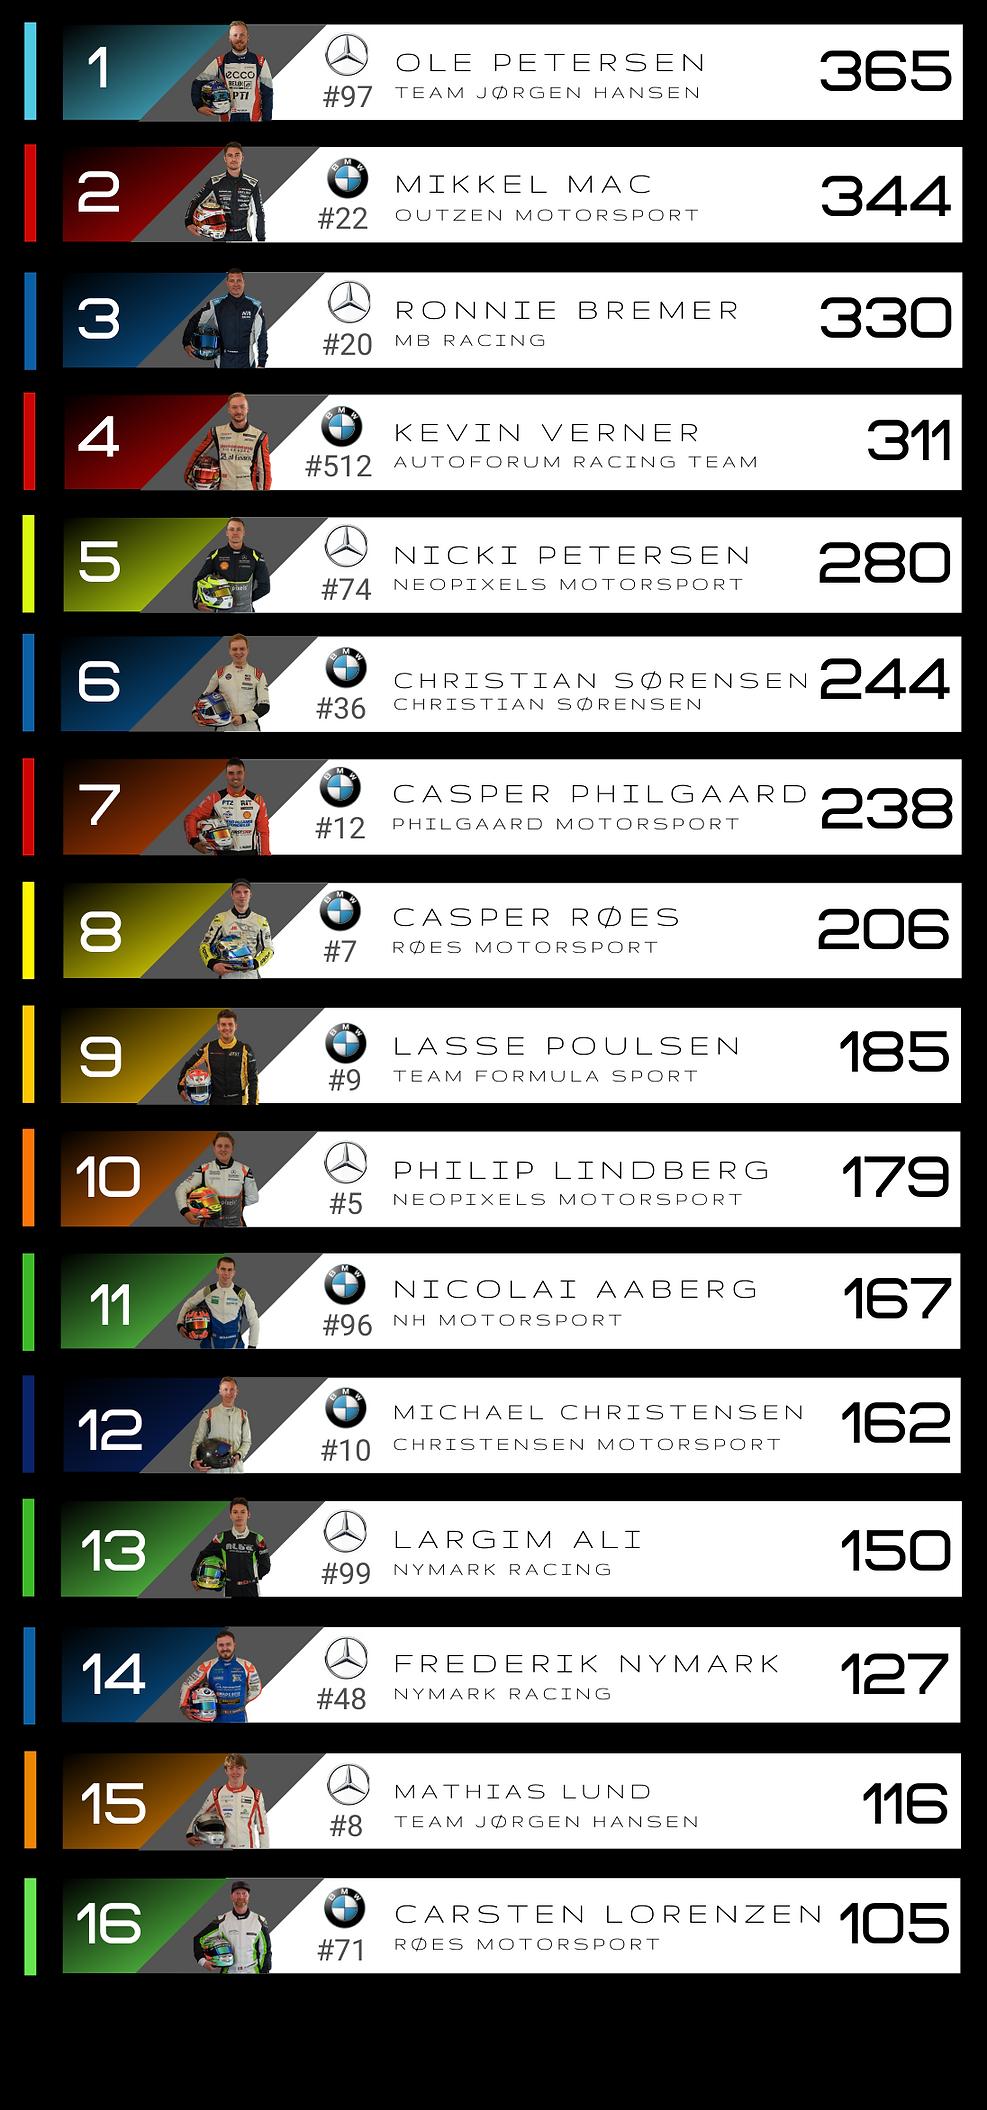 Resultatliste samlet.png